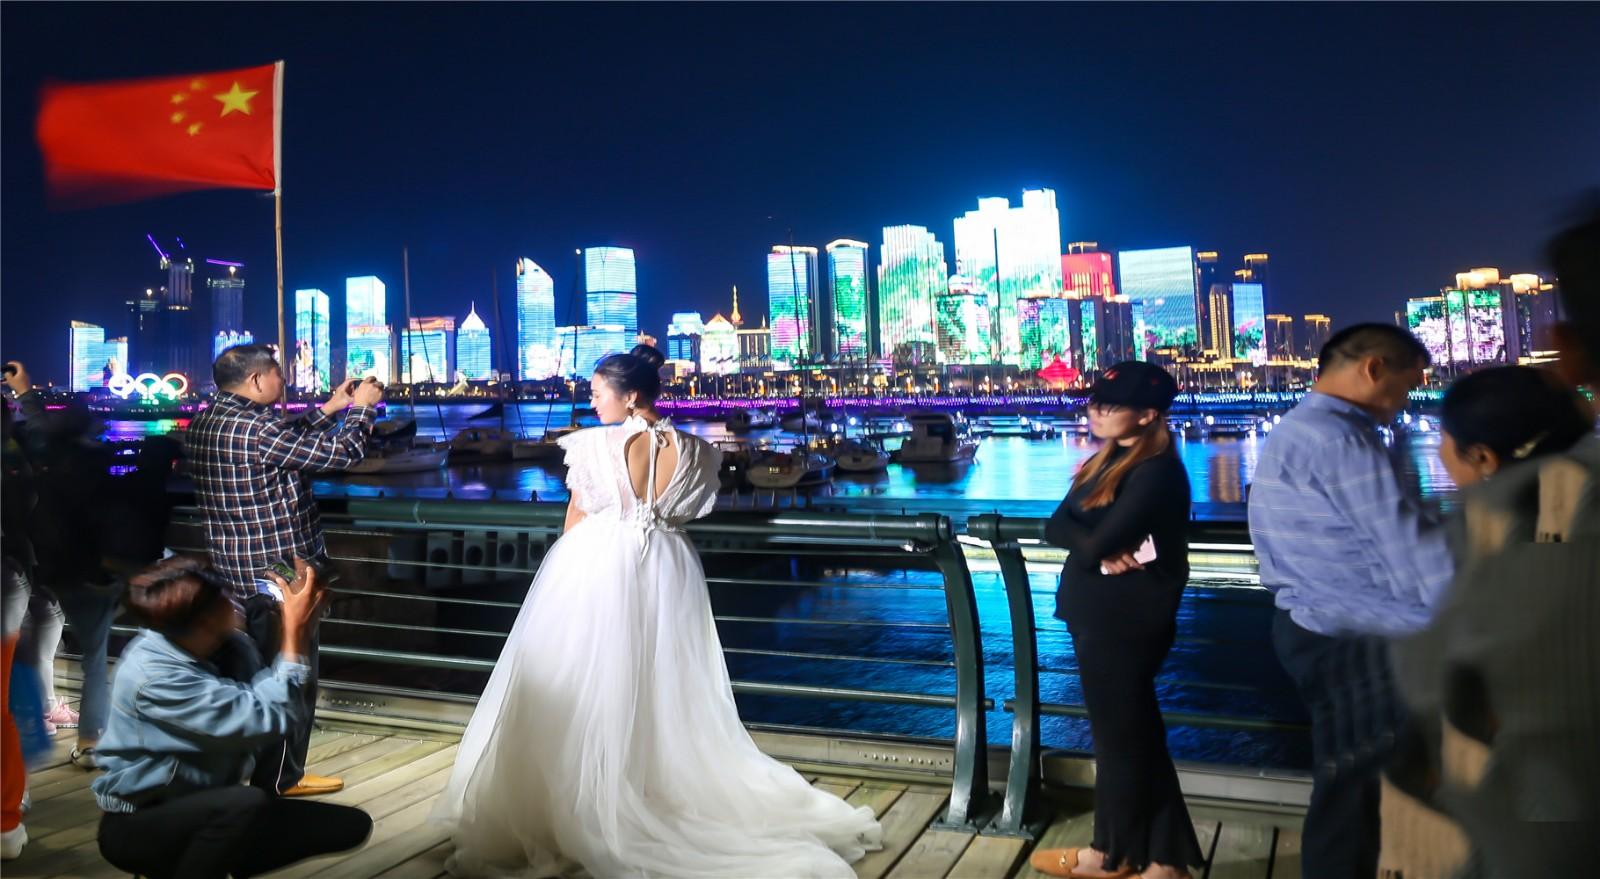 青岛国庆佳节奥帆中心浮山湾畔霓虹醉人,海上灯光绣,翩翩起舞。精彩呈现,